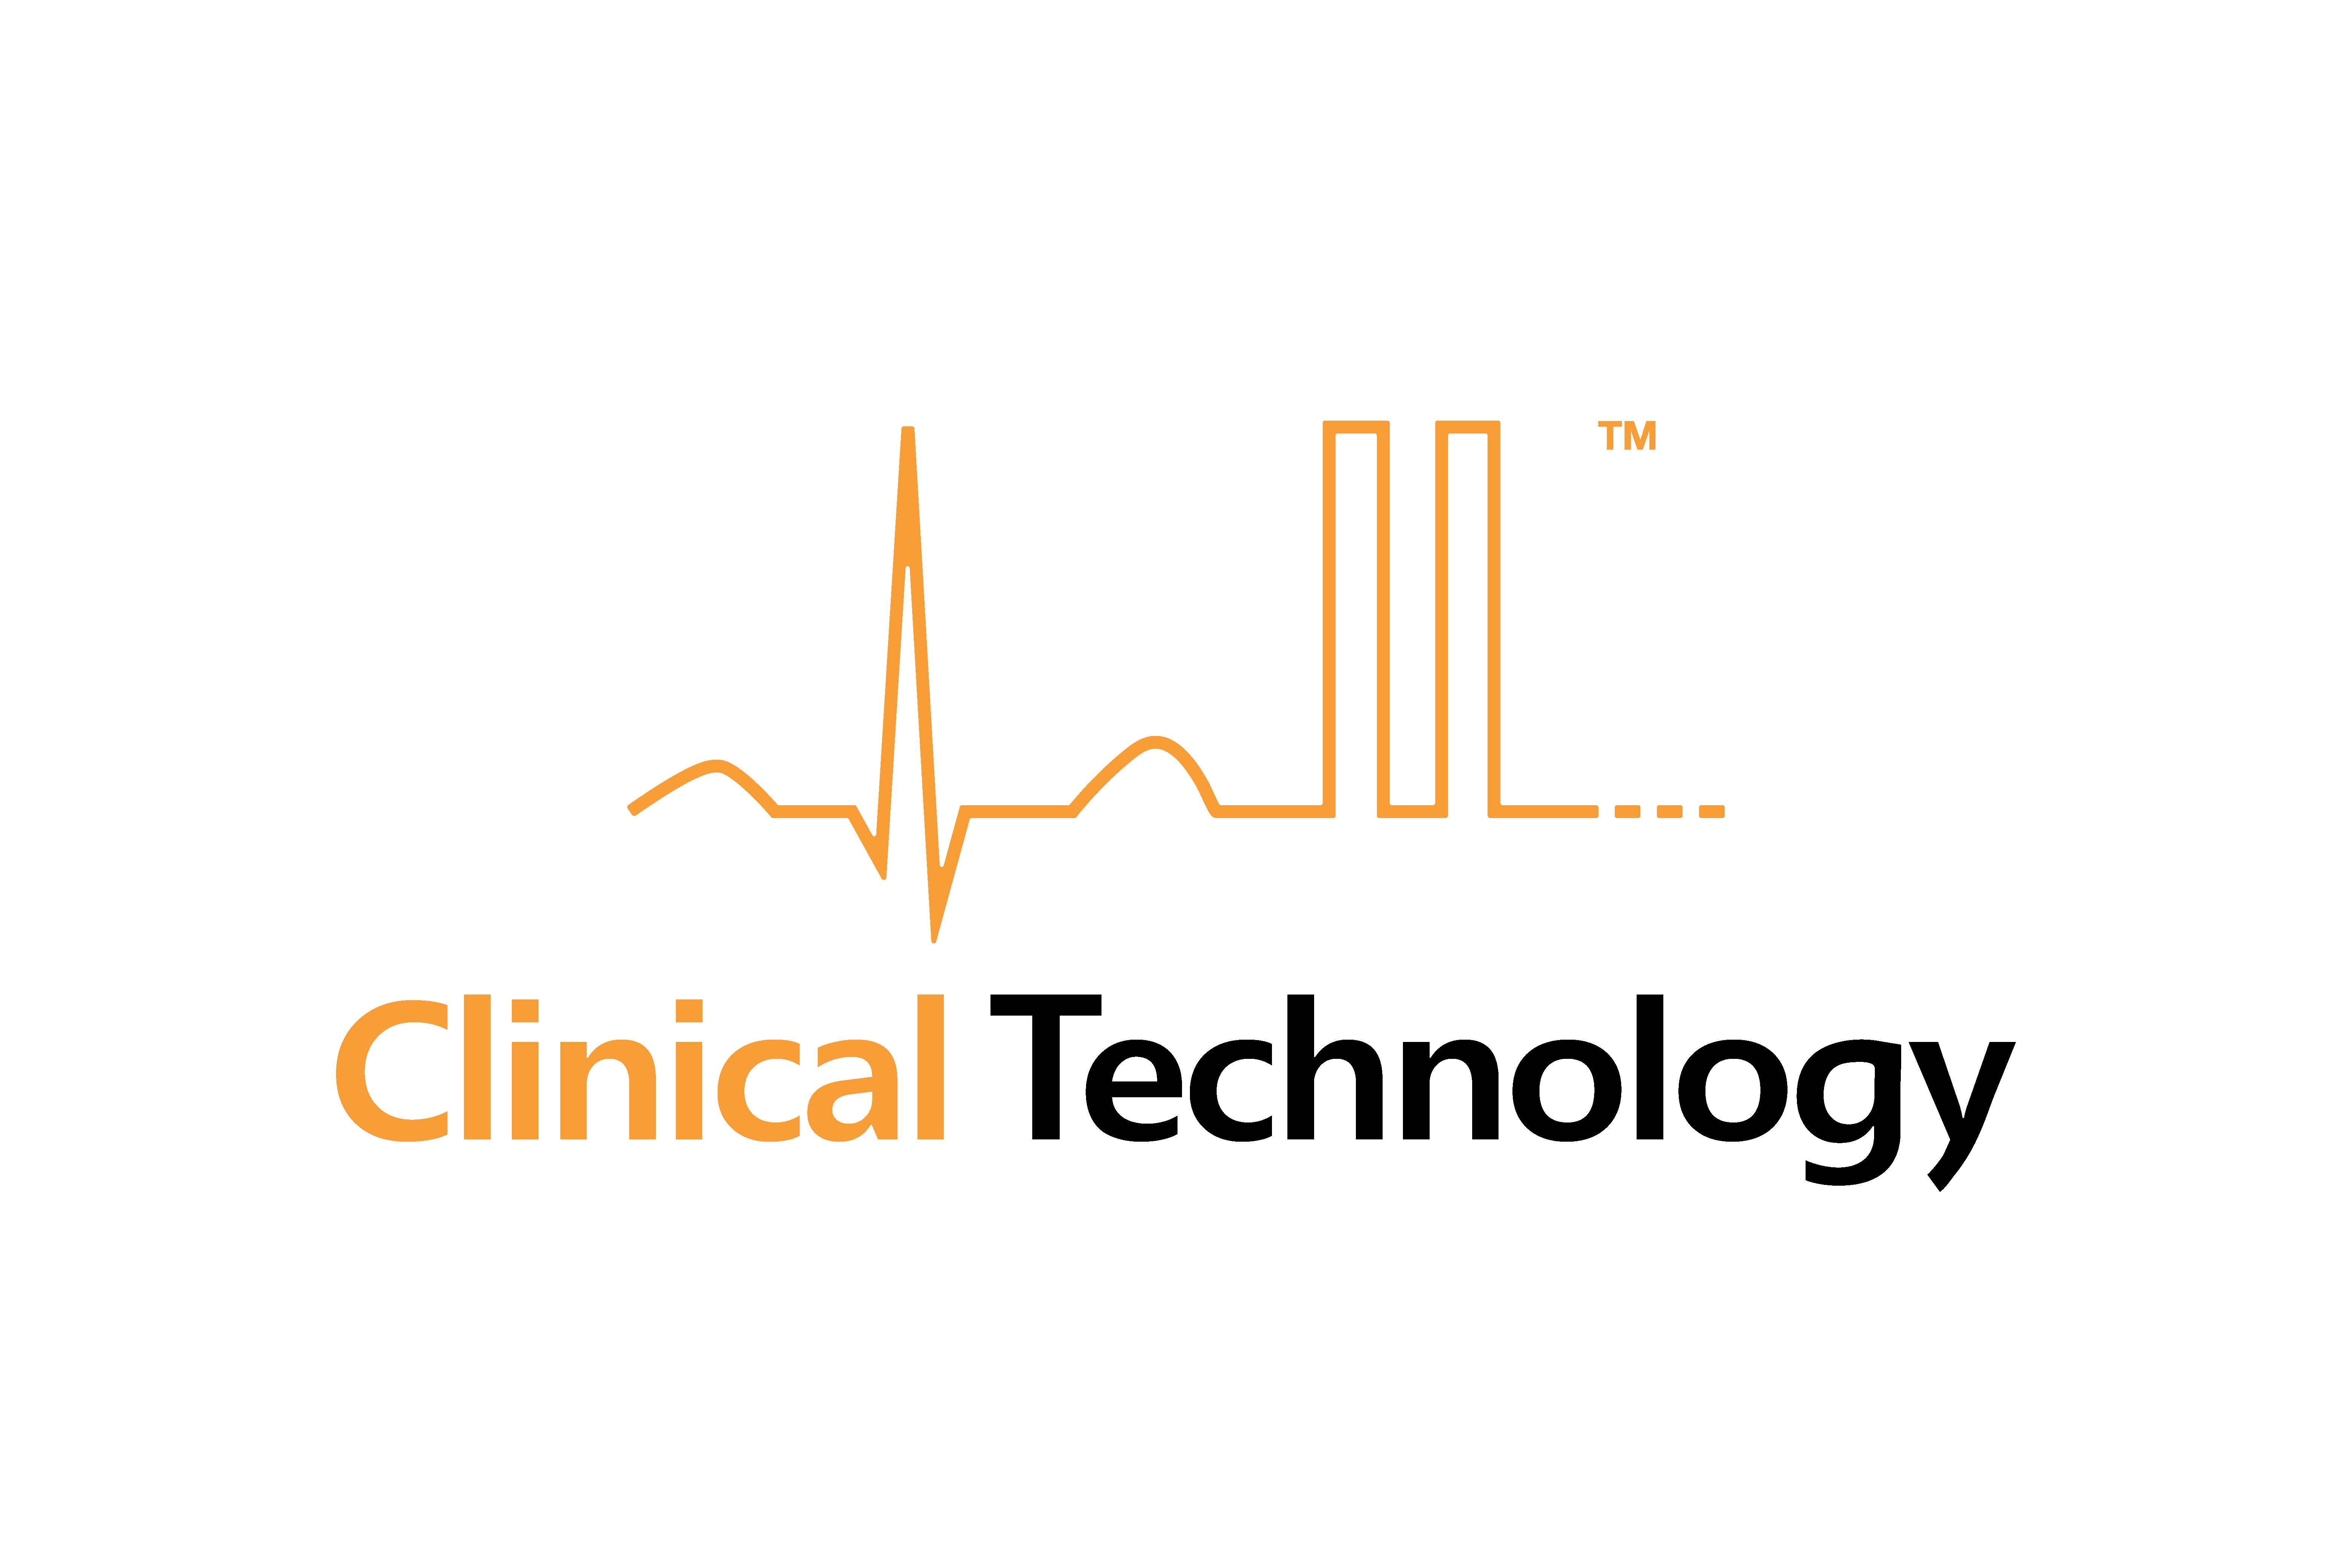 Clincal Technology